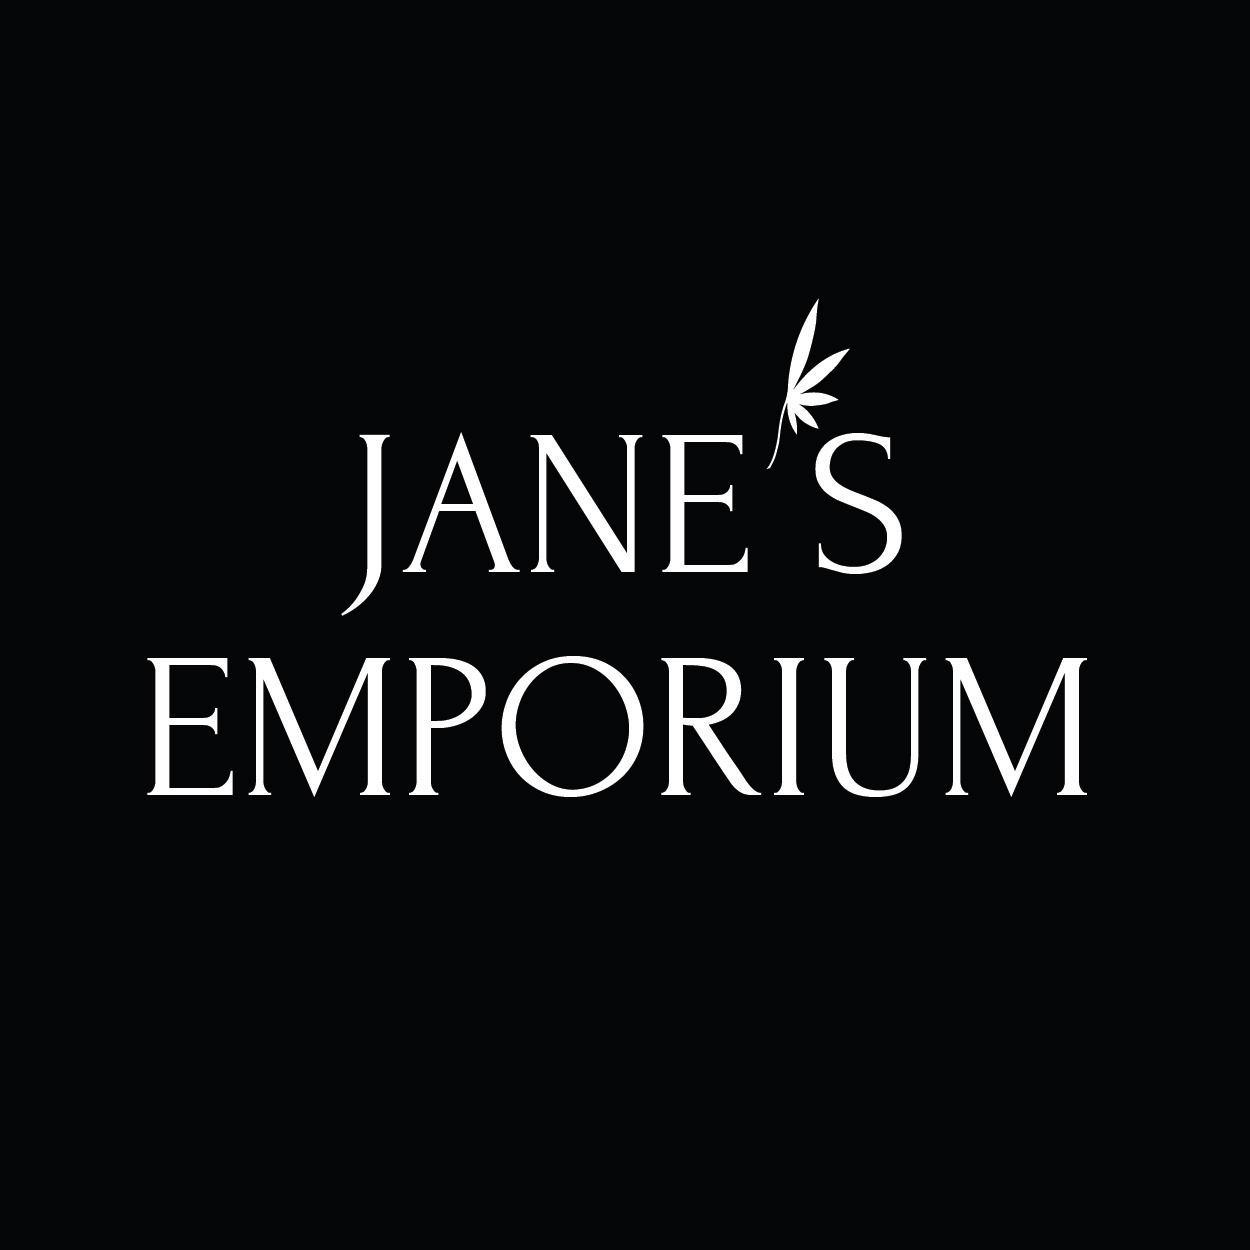 Jane's Emporium